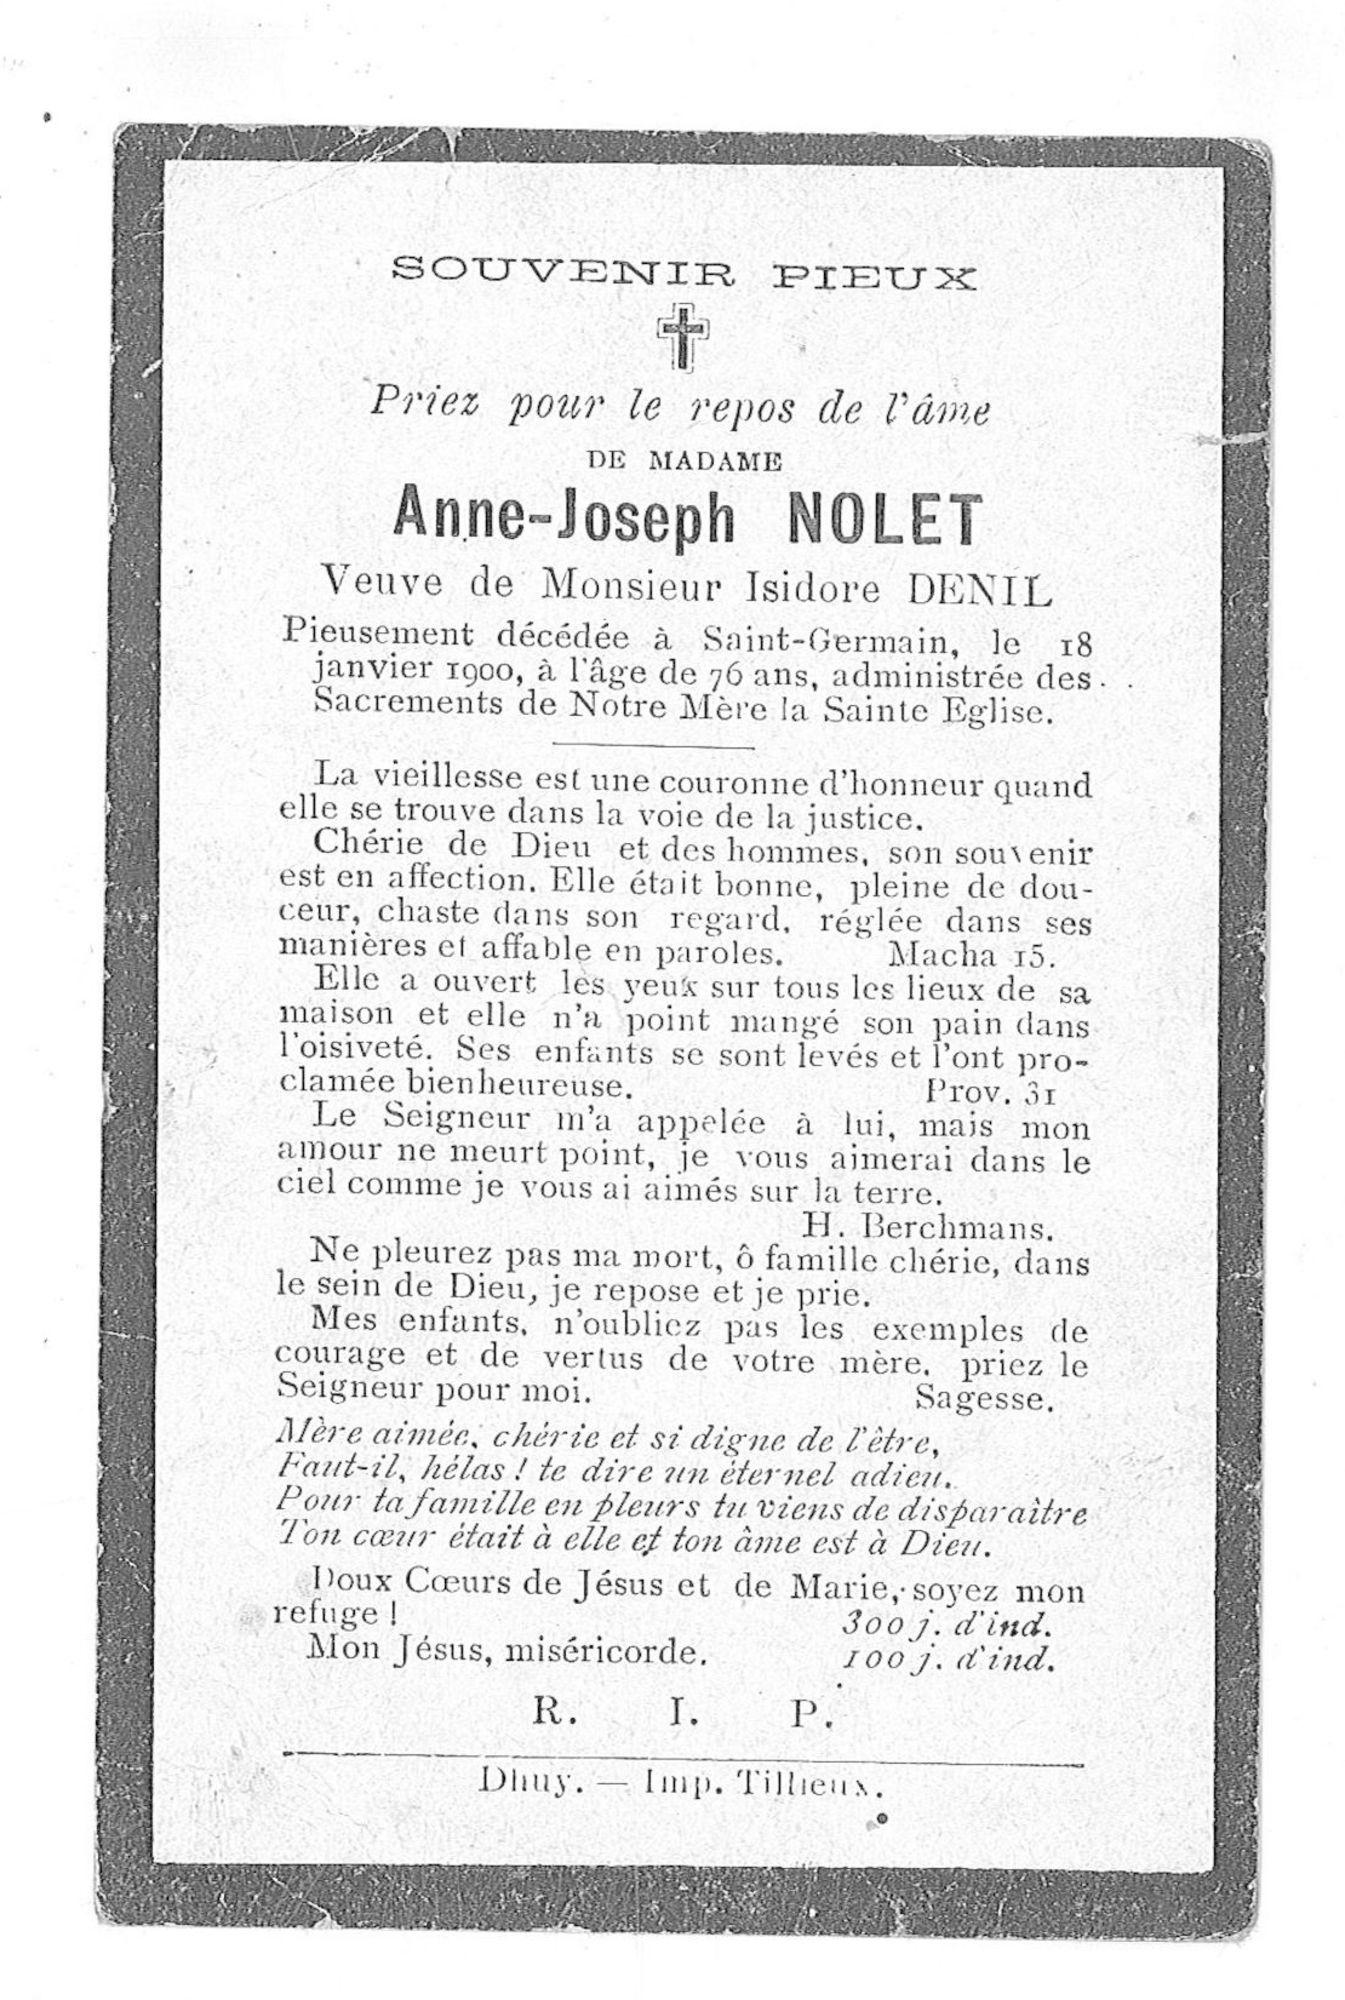 Anne-Joseph Nolet